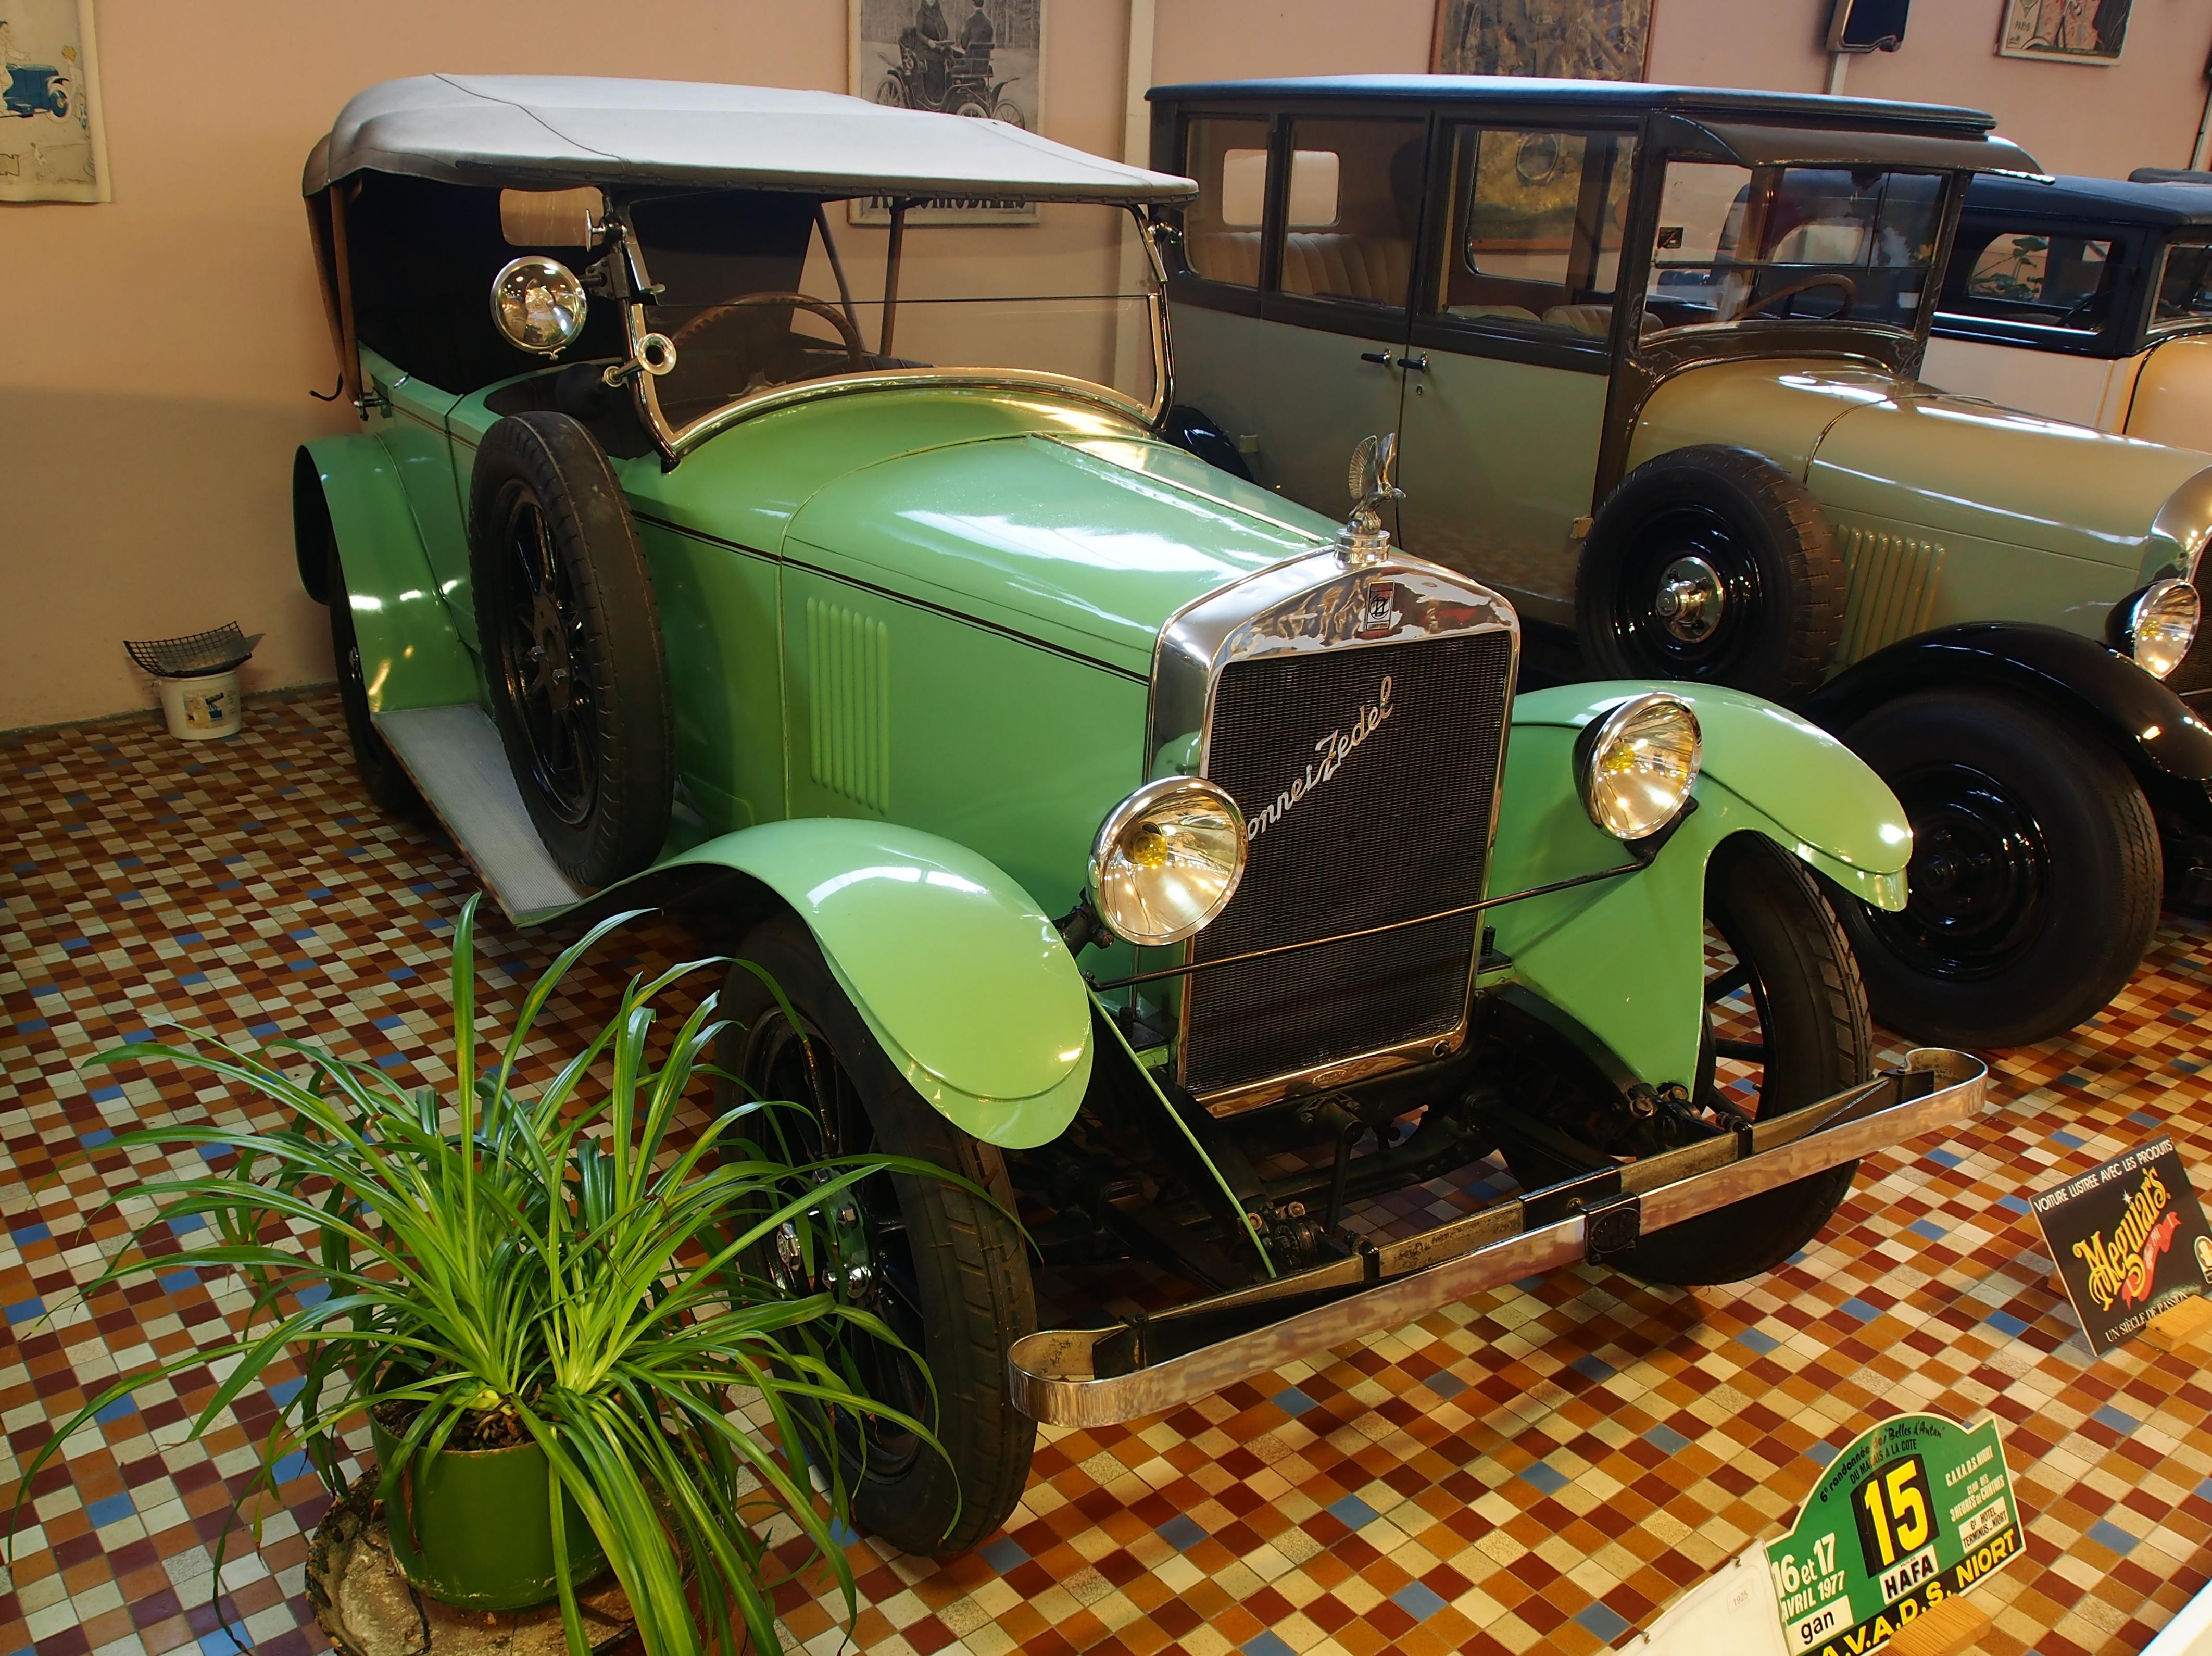 file 1925 donnet zedel c16 4 cyl 11cv tourer at the mus e automobile de vend e pic 1 jpg. Black Bedroom Furniture Sets. Home Design Ideas